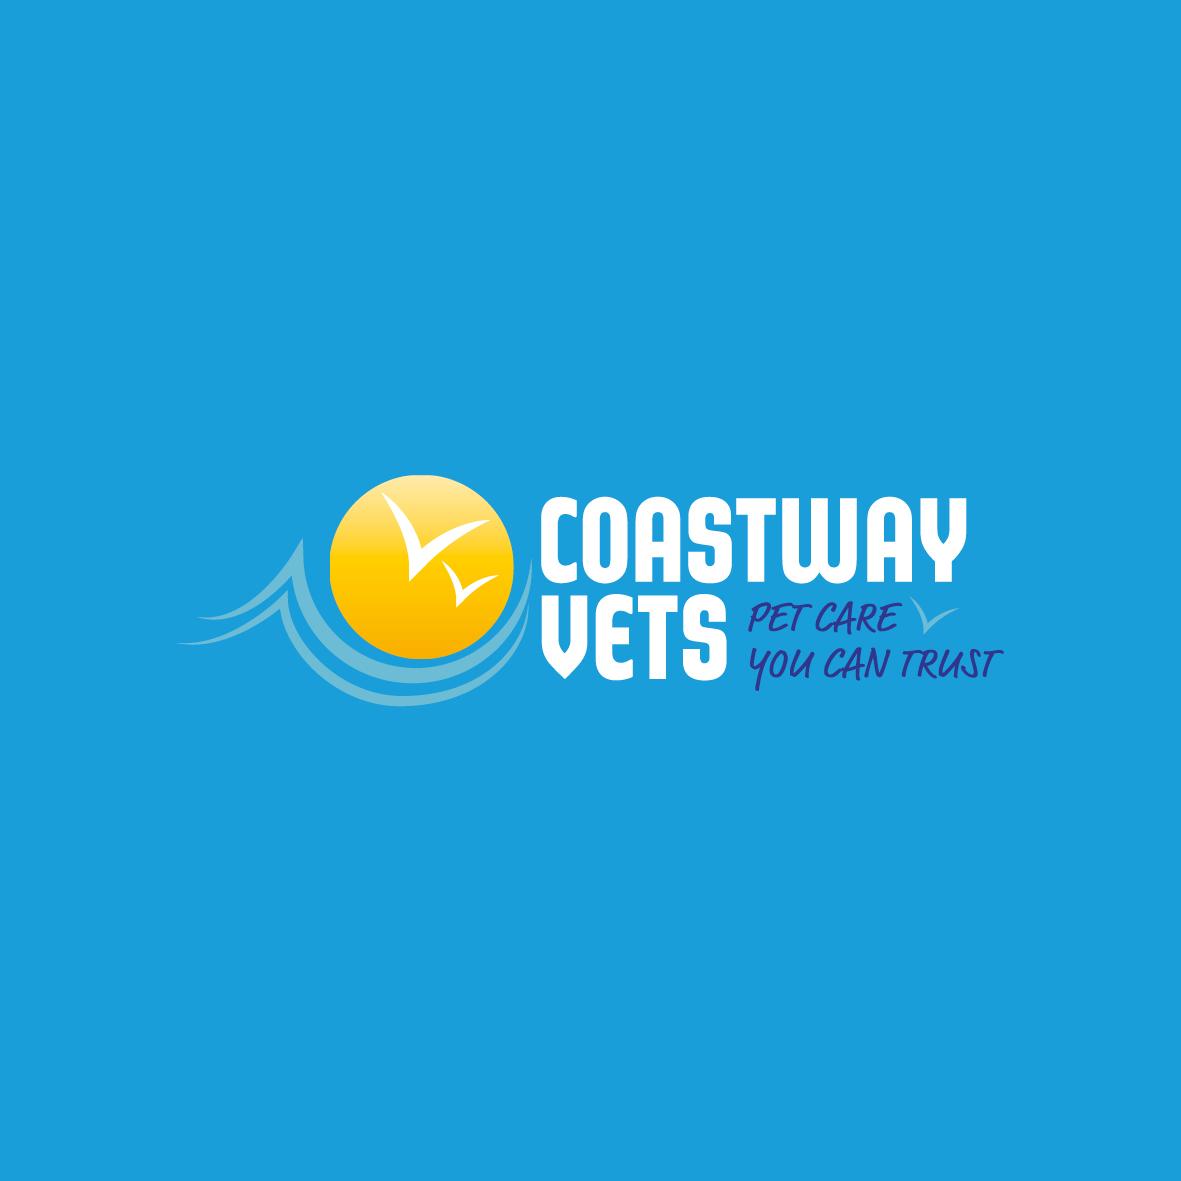 Coastway Vets, Brighton